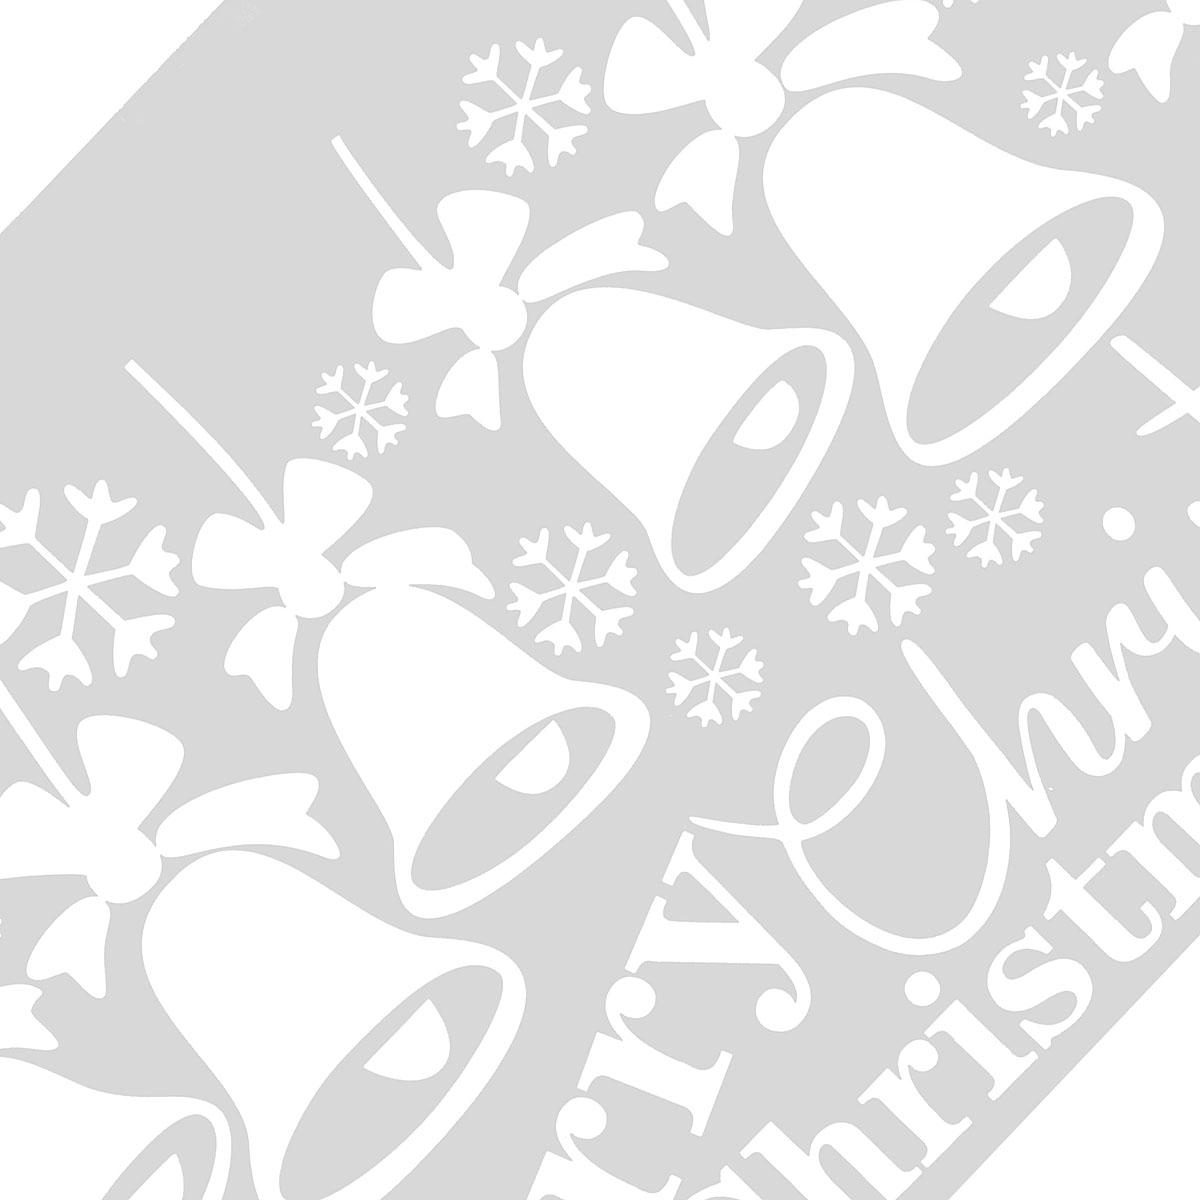 عيد ميلاد سعيد الجدار ملصق بيل سنوفلاك عيد الميلاد نافذة الجدار ملصق